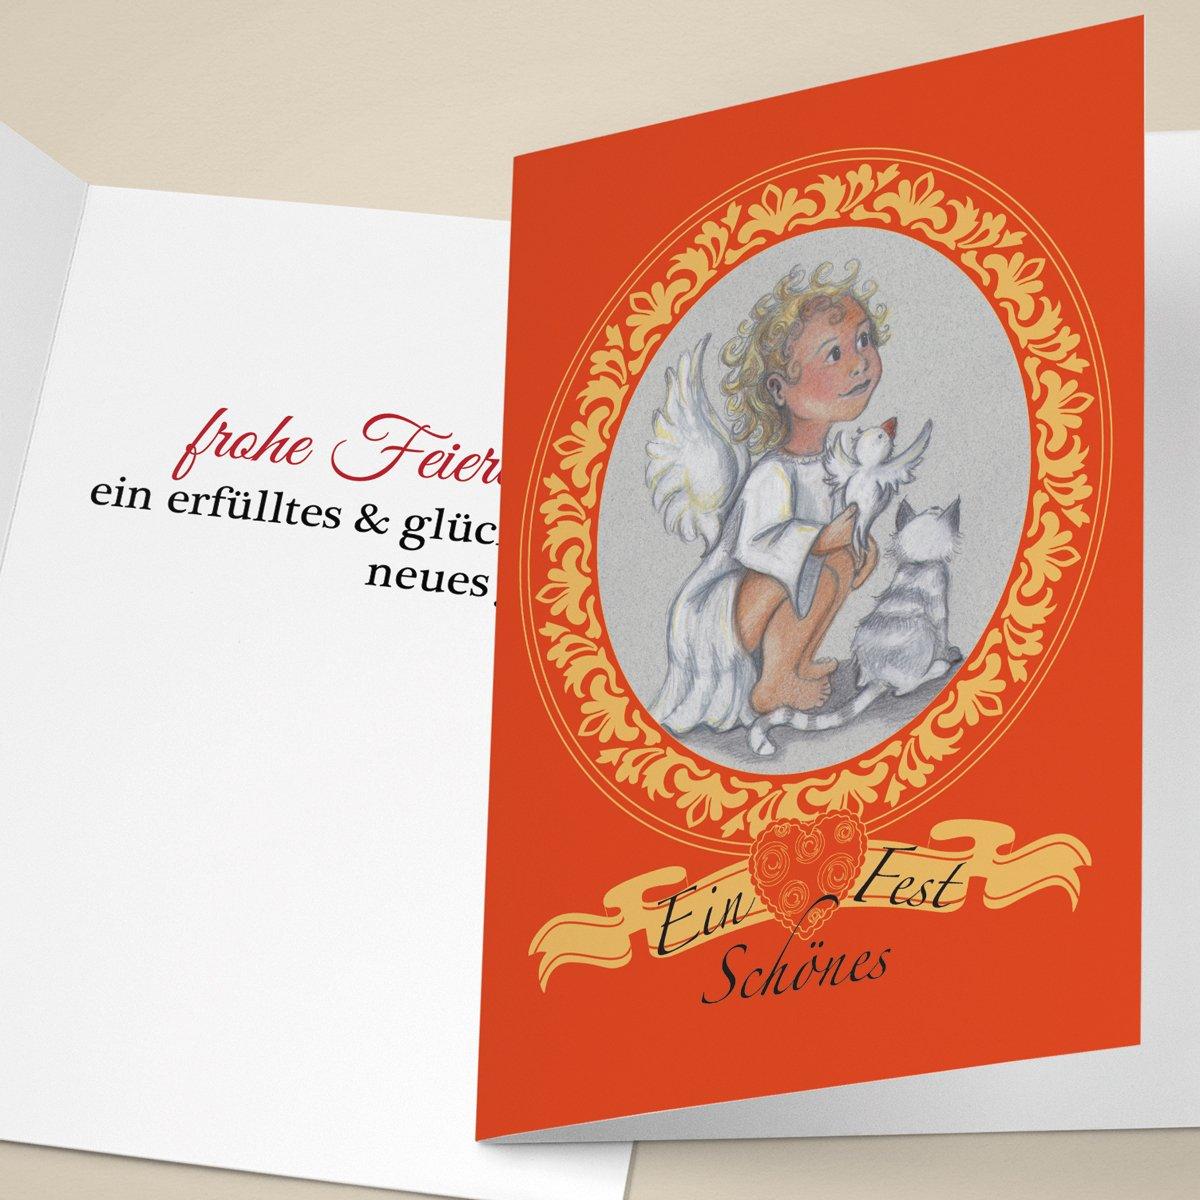 20er Set Niedliche Unternehmen Weihnachtskarten mit Engel in Medaillon, mit ihrem Innentext (Var6) drucken lassen, als geschäftliche Weihnachtsgrüße   Neujahrskarte   Firmen Weihnachtskarte für Kunden, Geschäftspartner, Mitarbeit